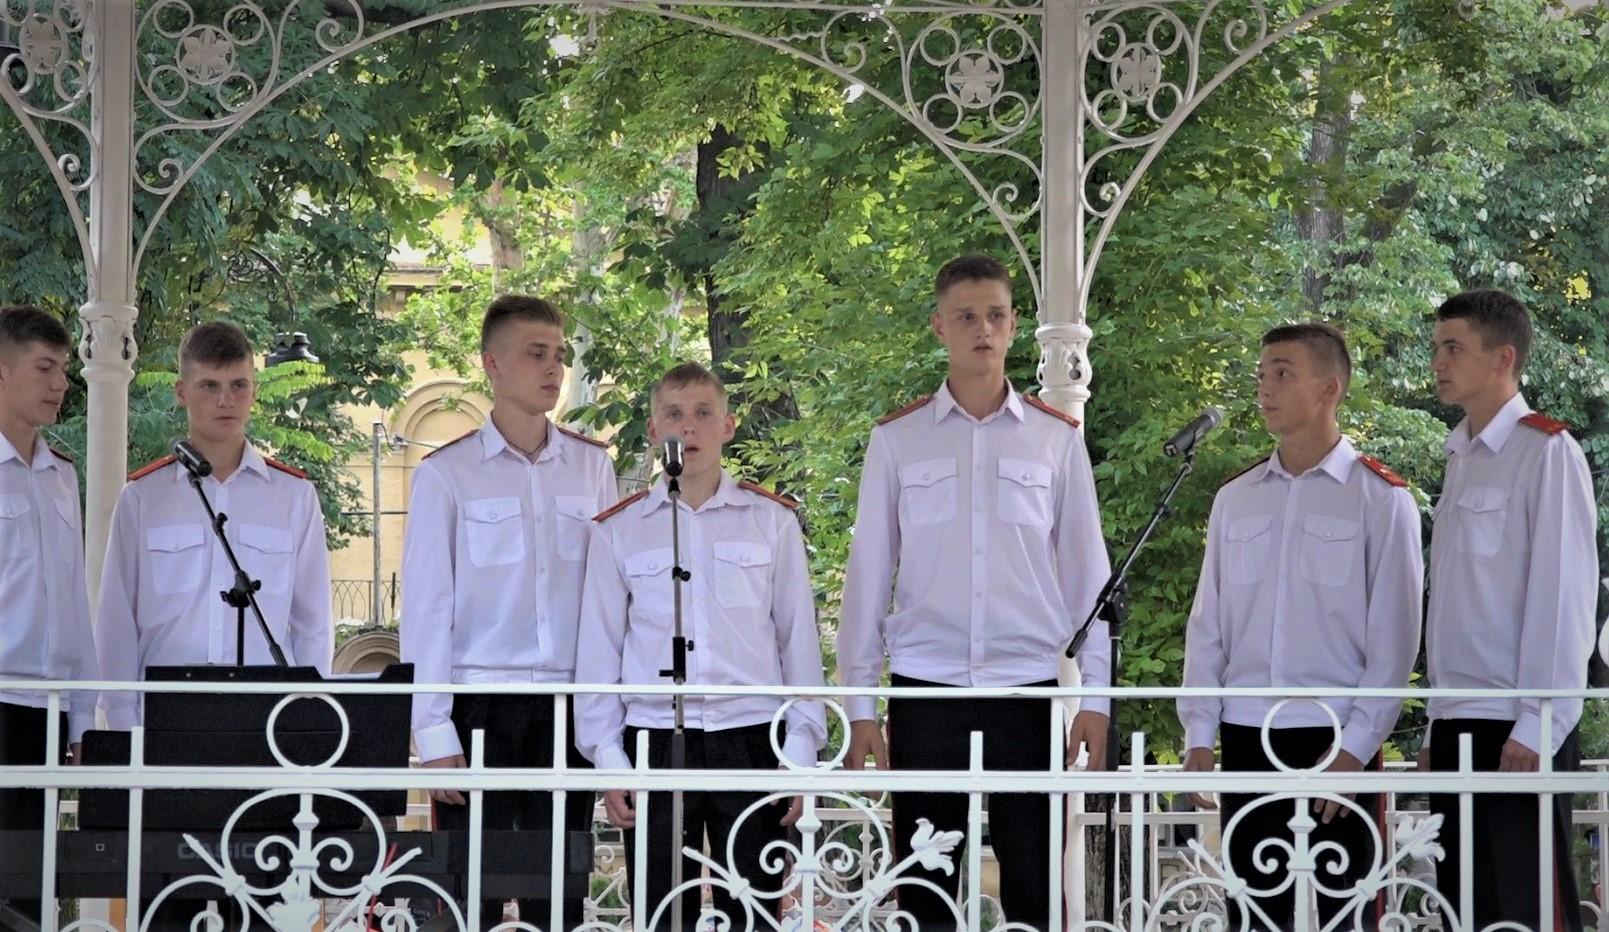 Ruski kadeti Bela Crkva